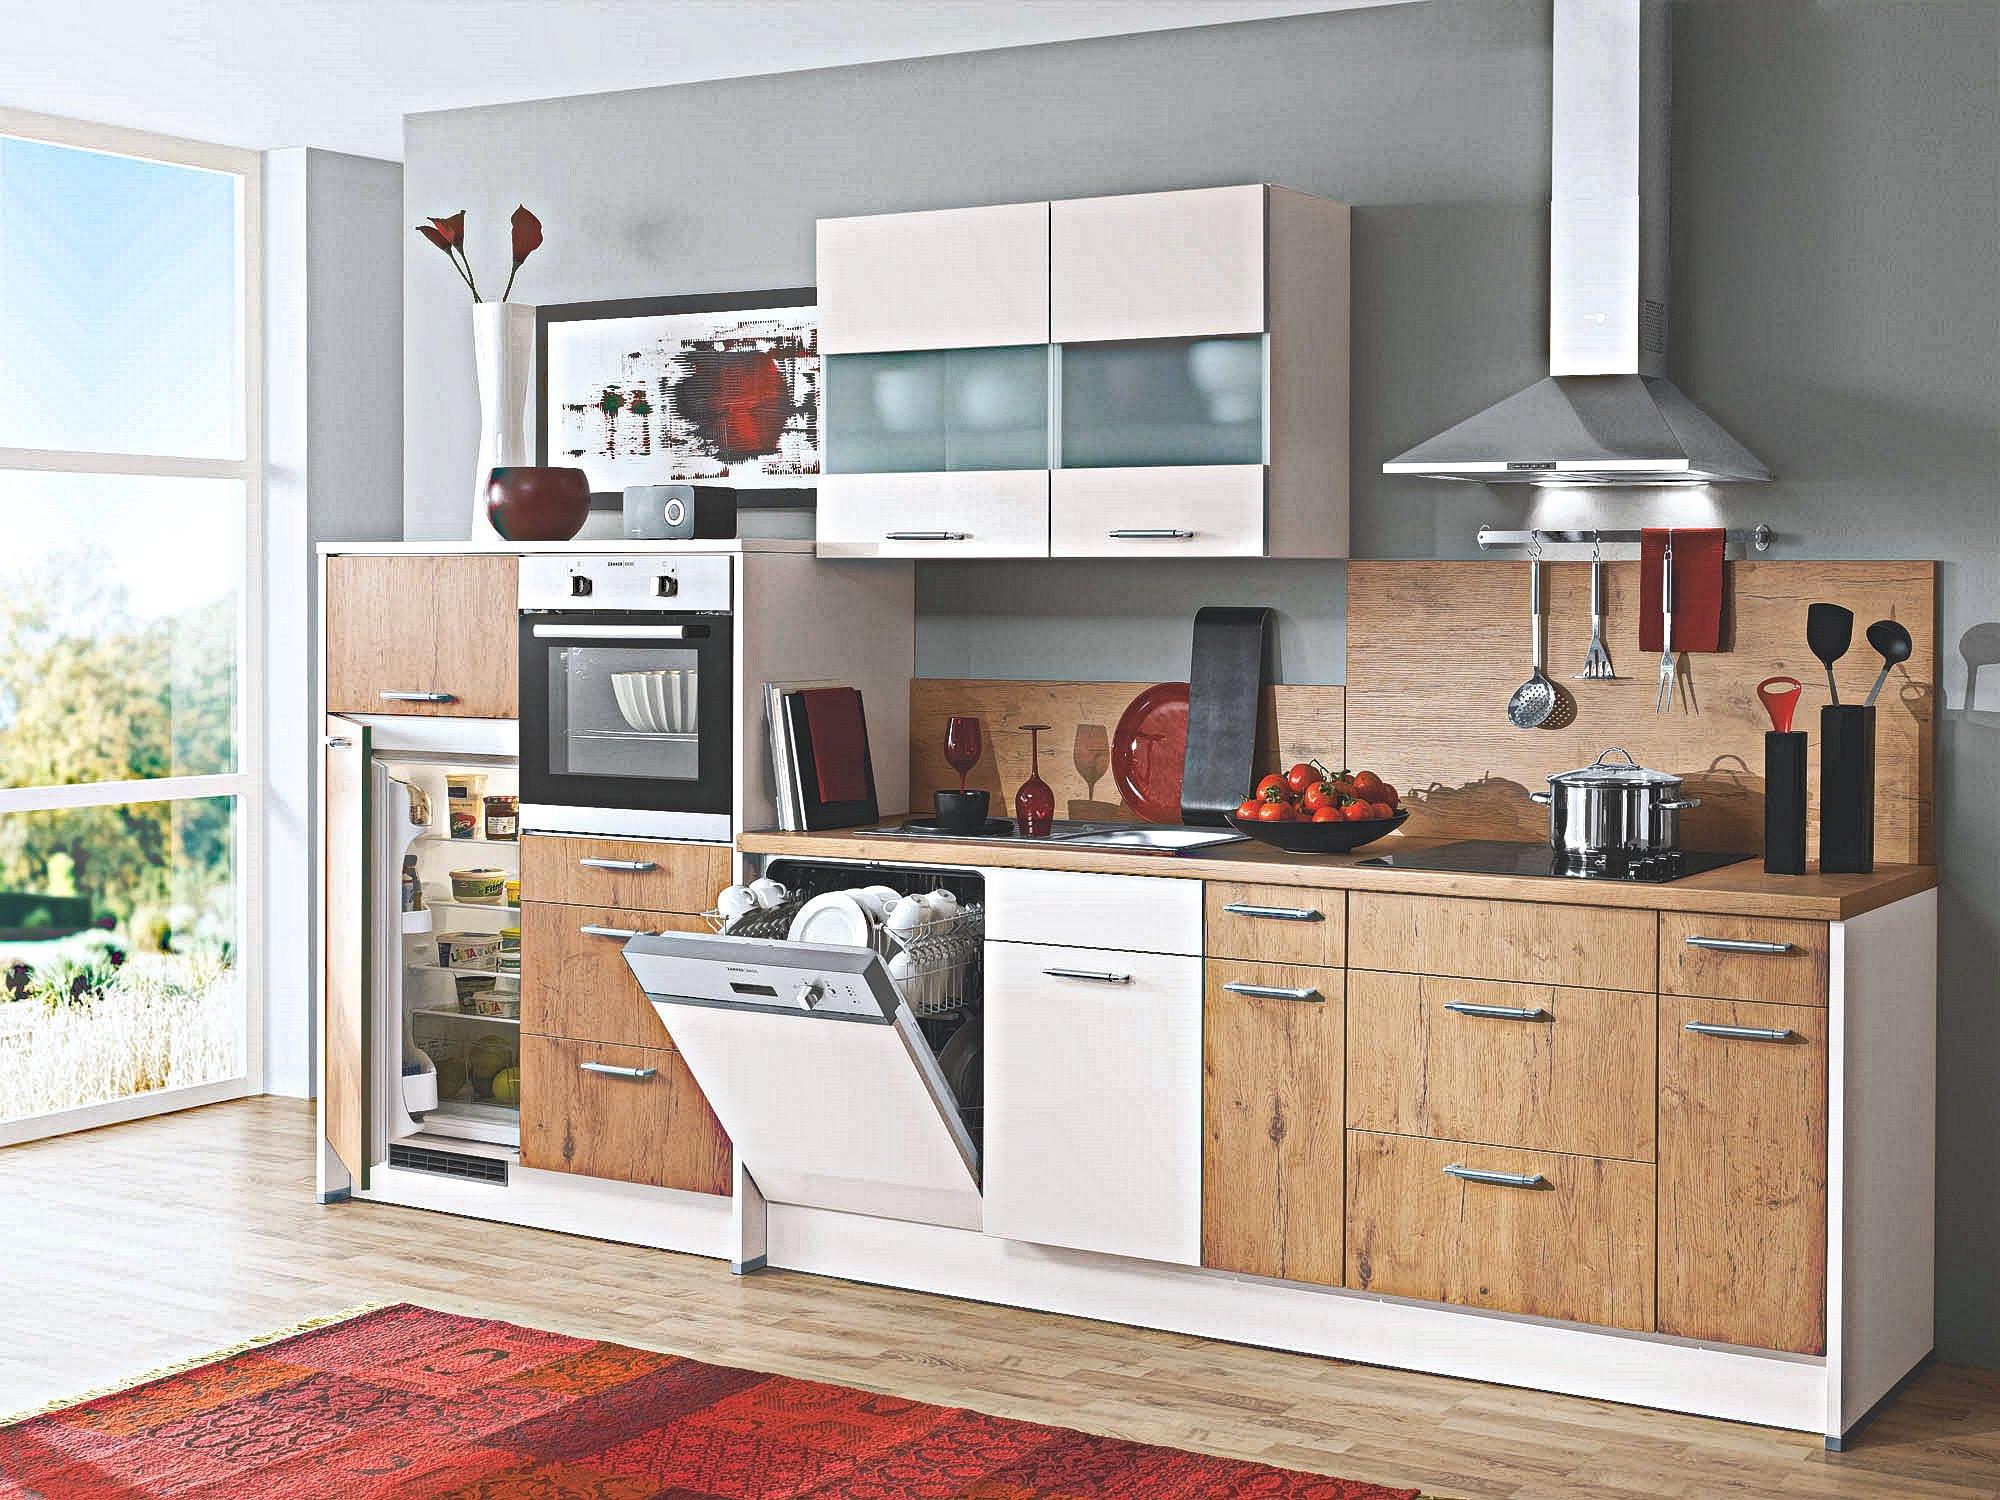 Küchenzeile Günstig  Küchenzeile Klein uyudesign